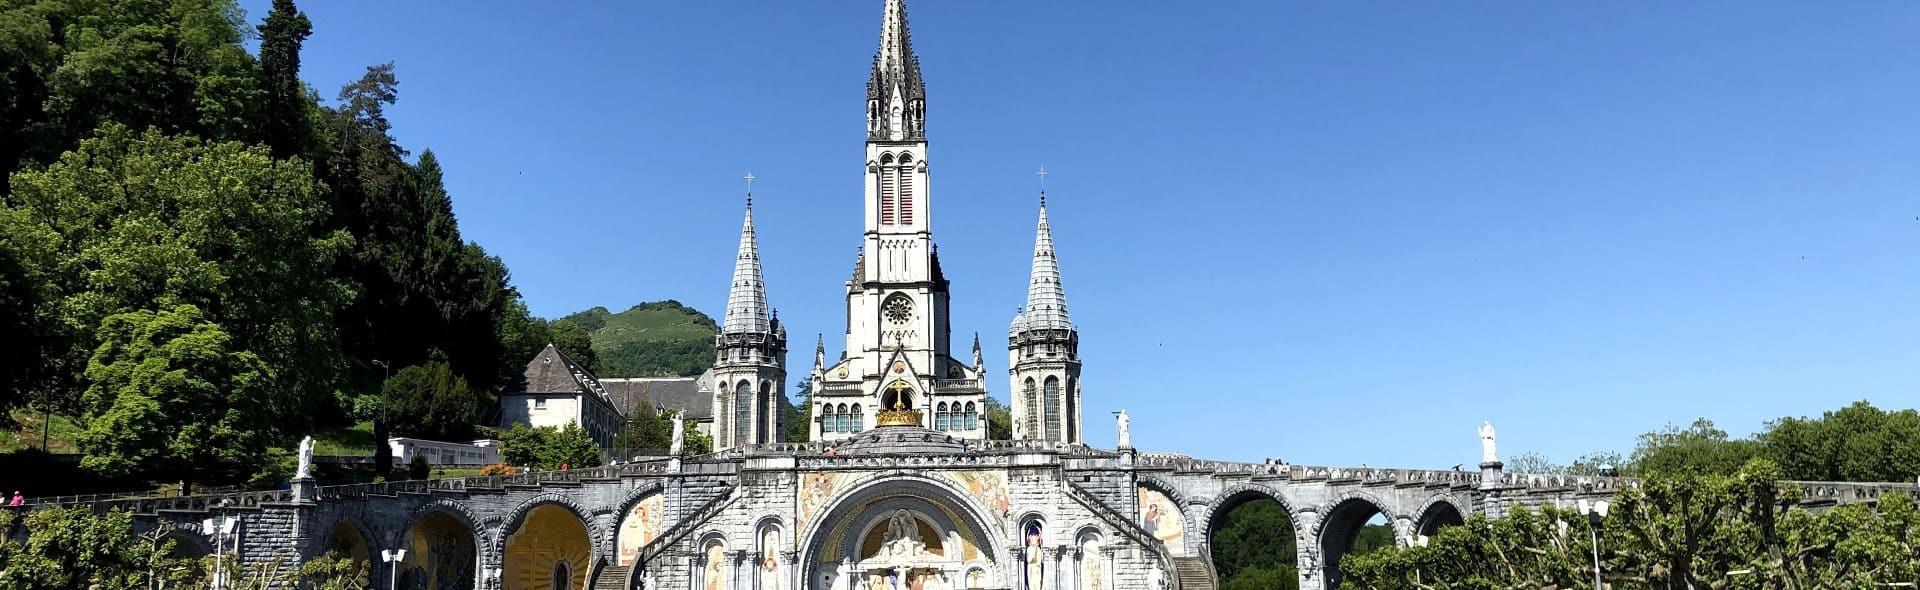 Viaggio a Lourdes in Aereo da Napoli Dopo Ferragosto